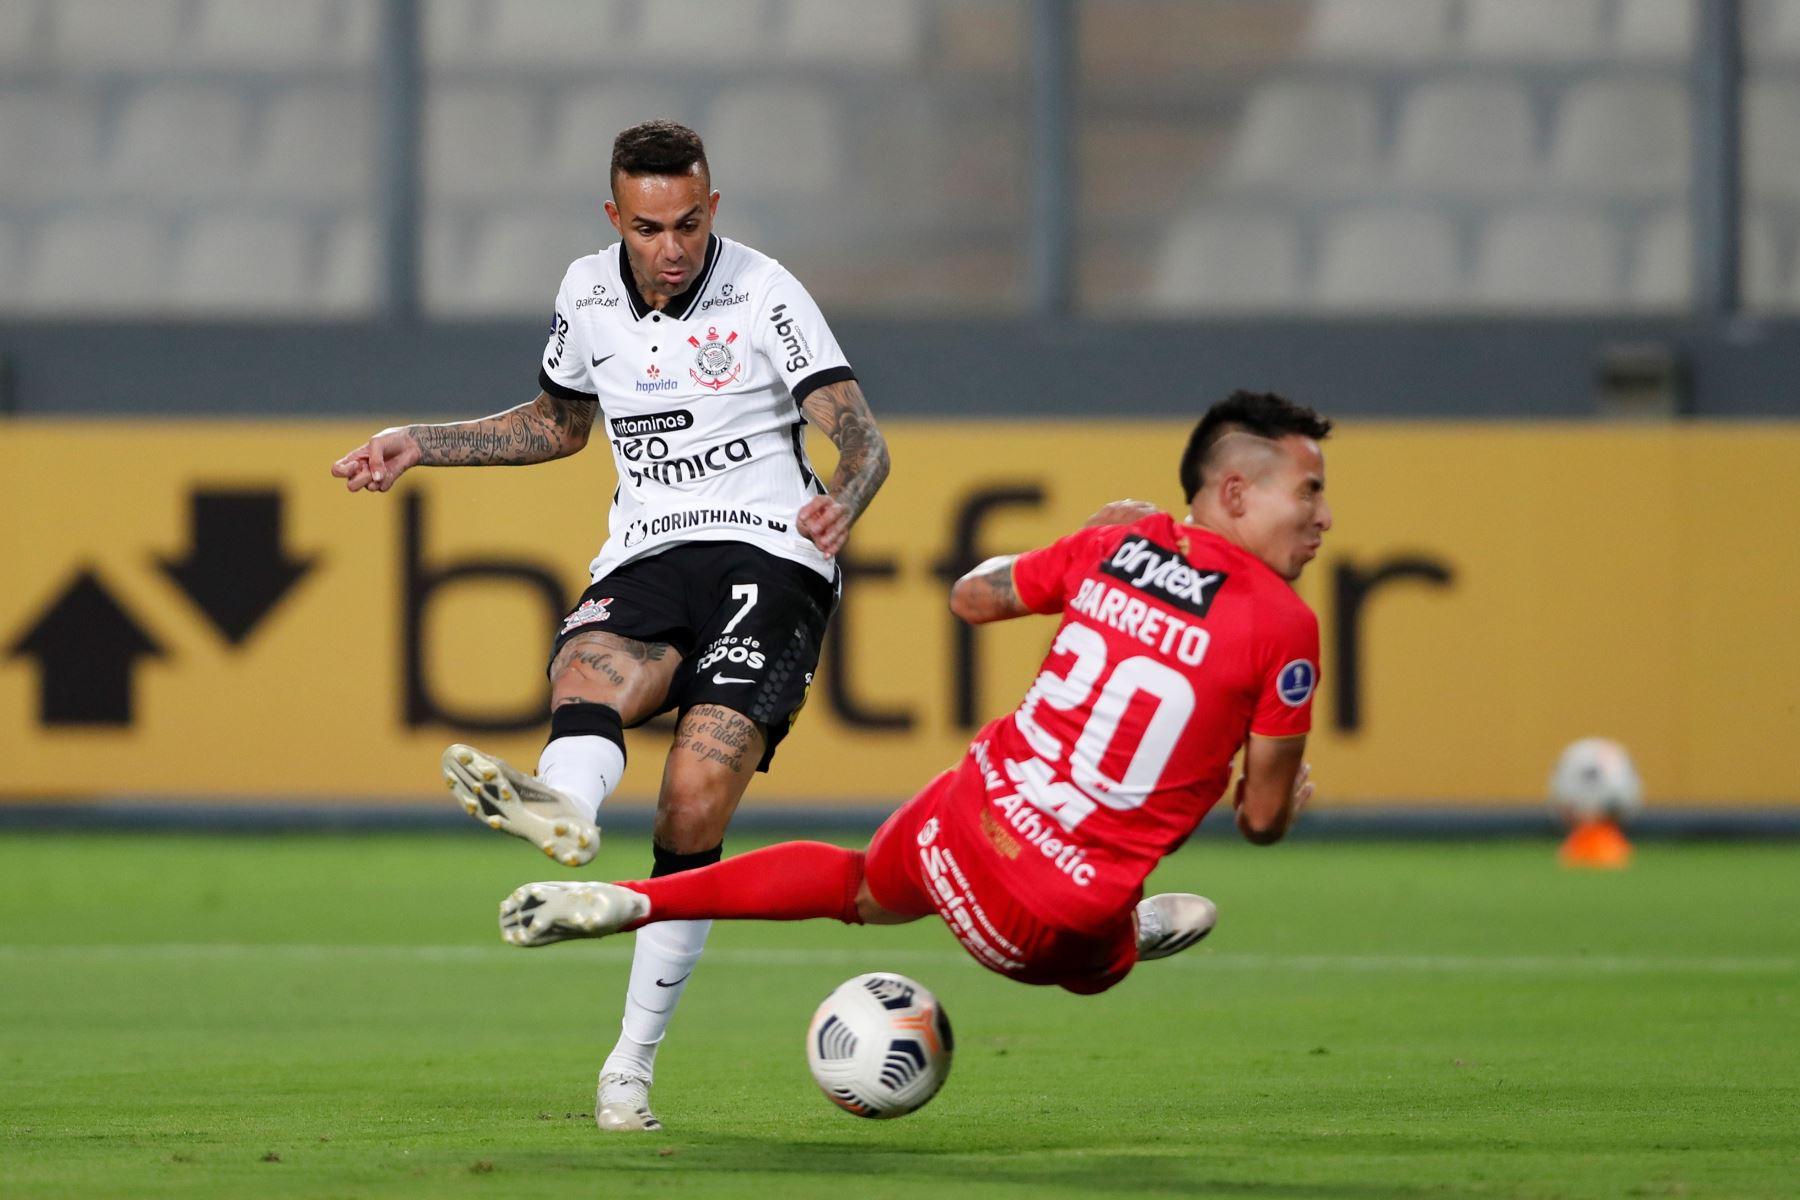 Luan de Jesús de Corinthians anota un gol durante partido de la Copa Sudamericana contra Sport Huancayo, en el estadio Nacional. Foto: EFE